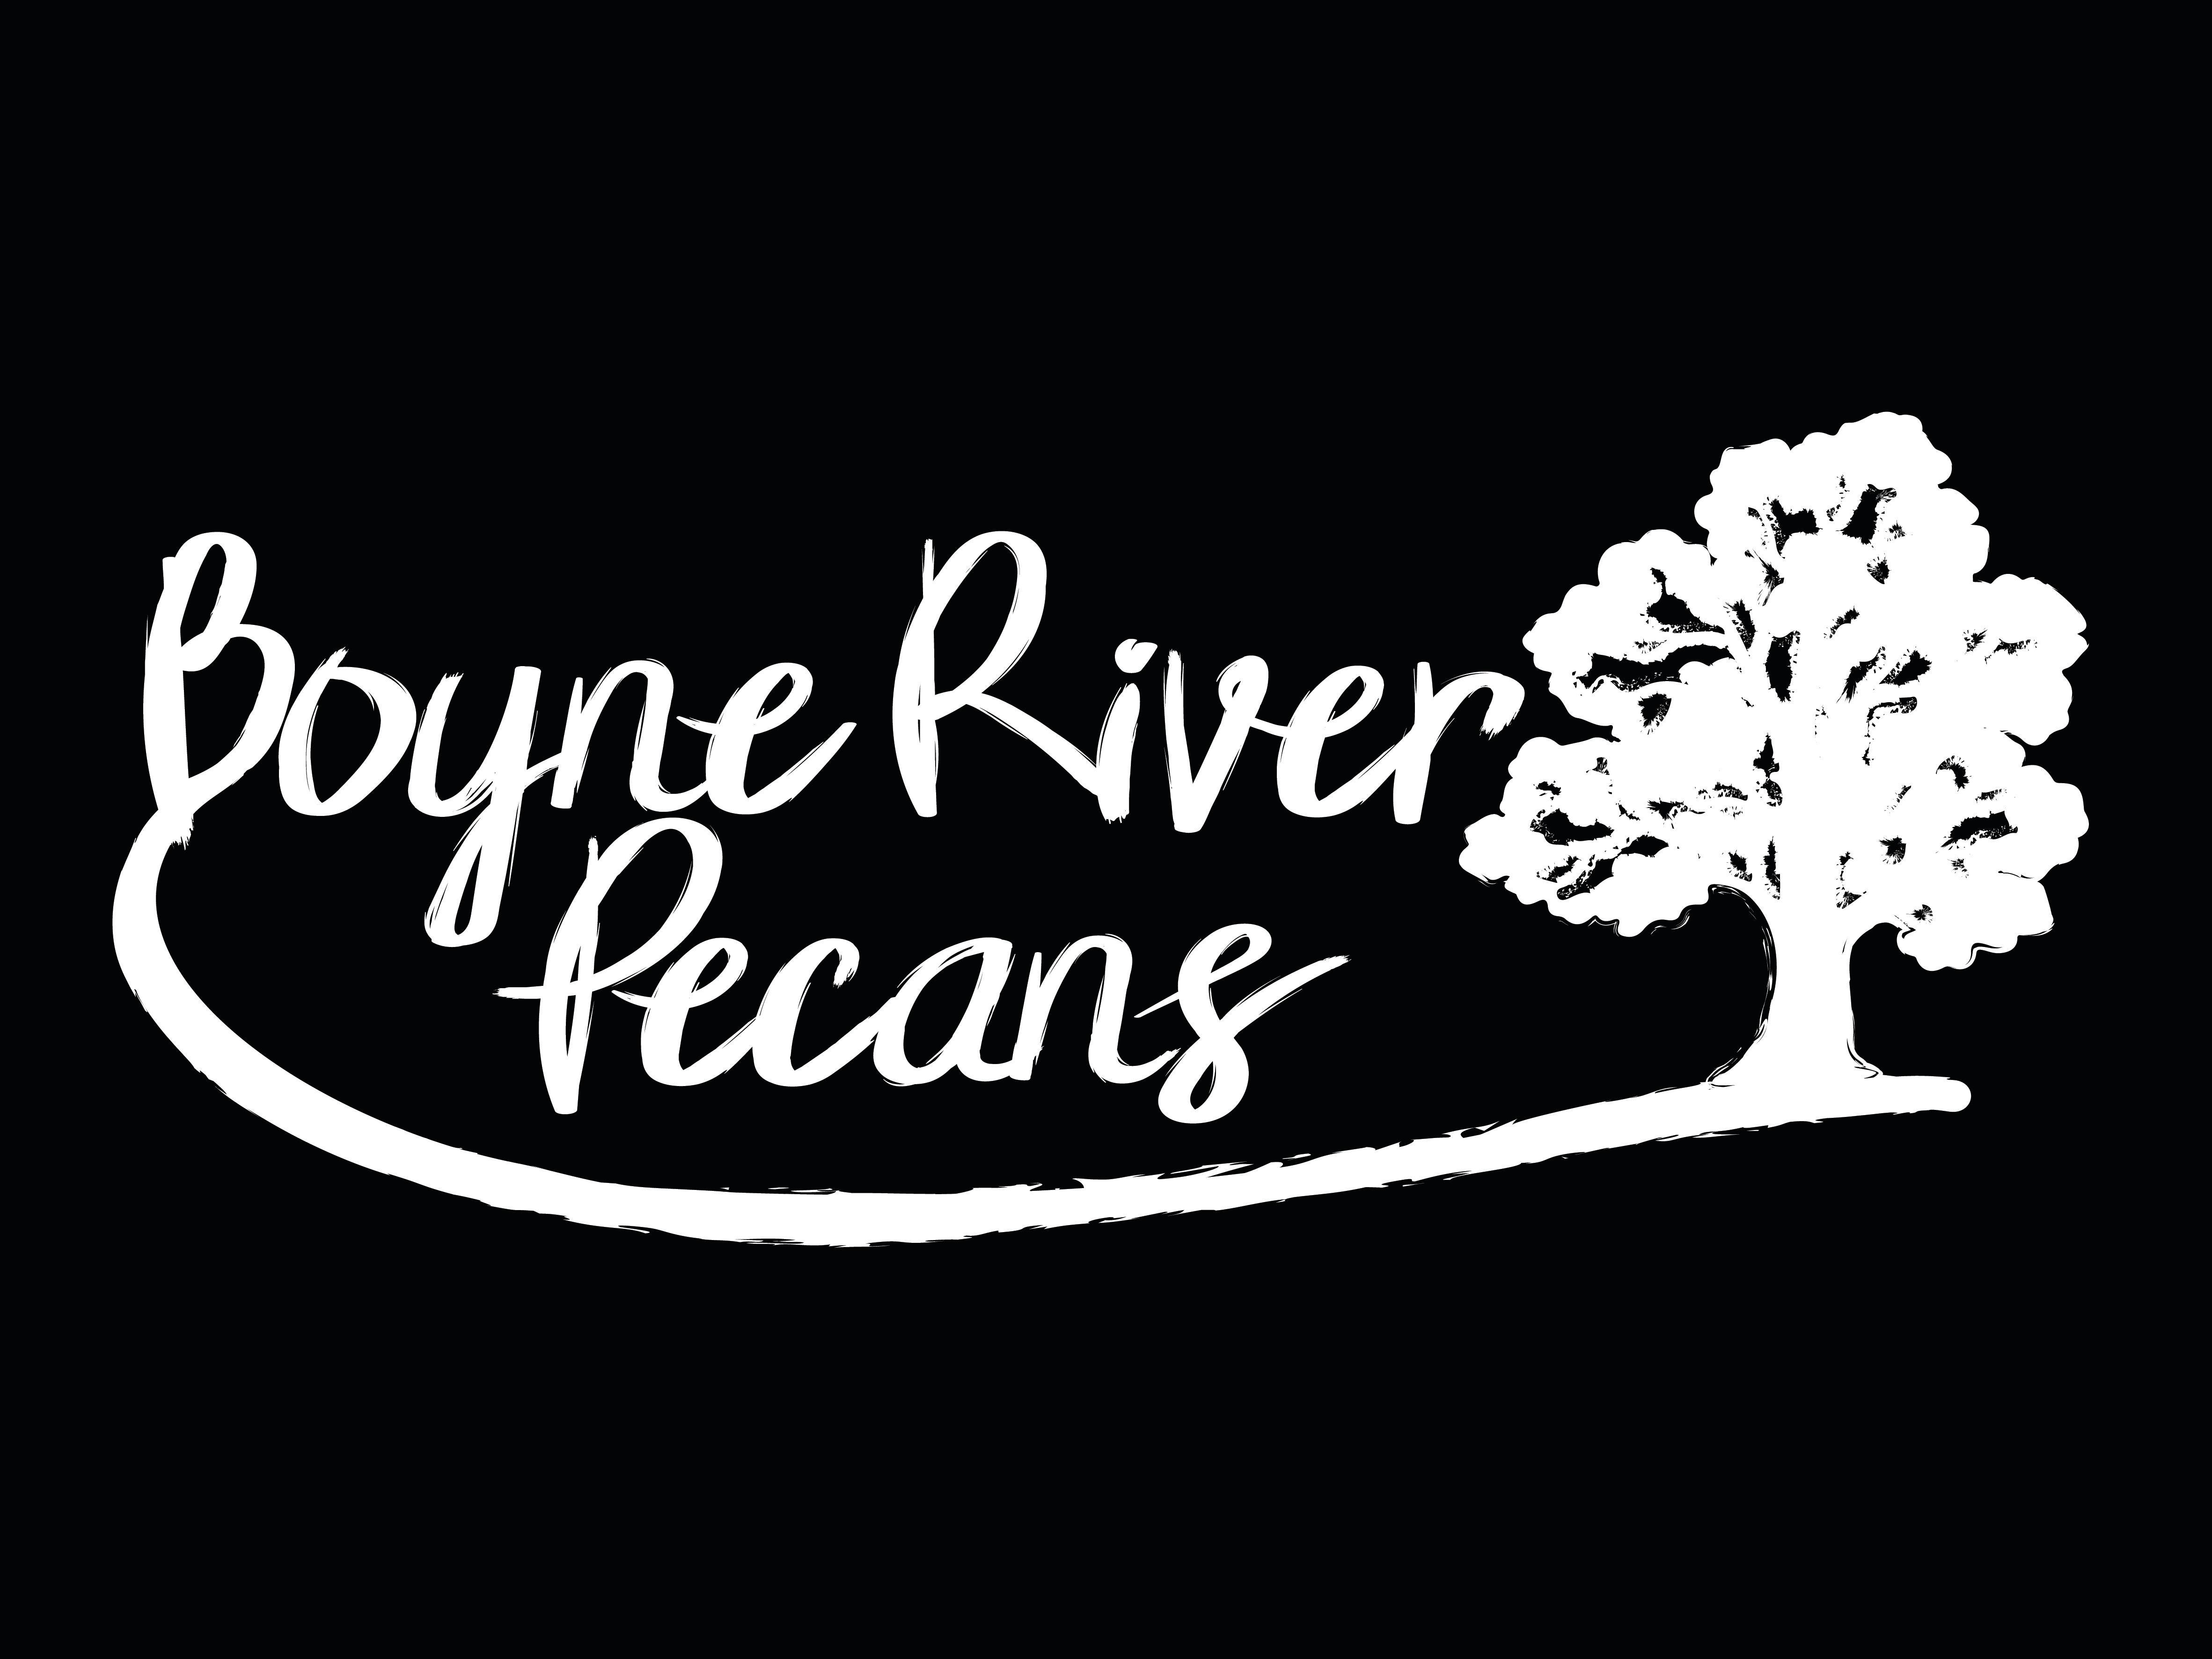 Boyne River Pecans - Standard - Black Background - JPEG format_Logo Standard